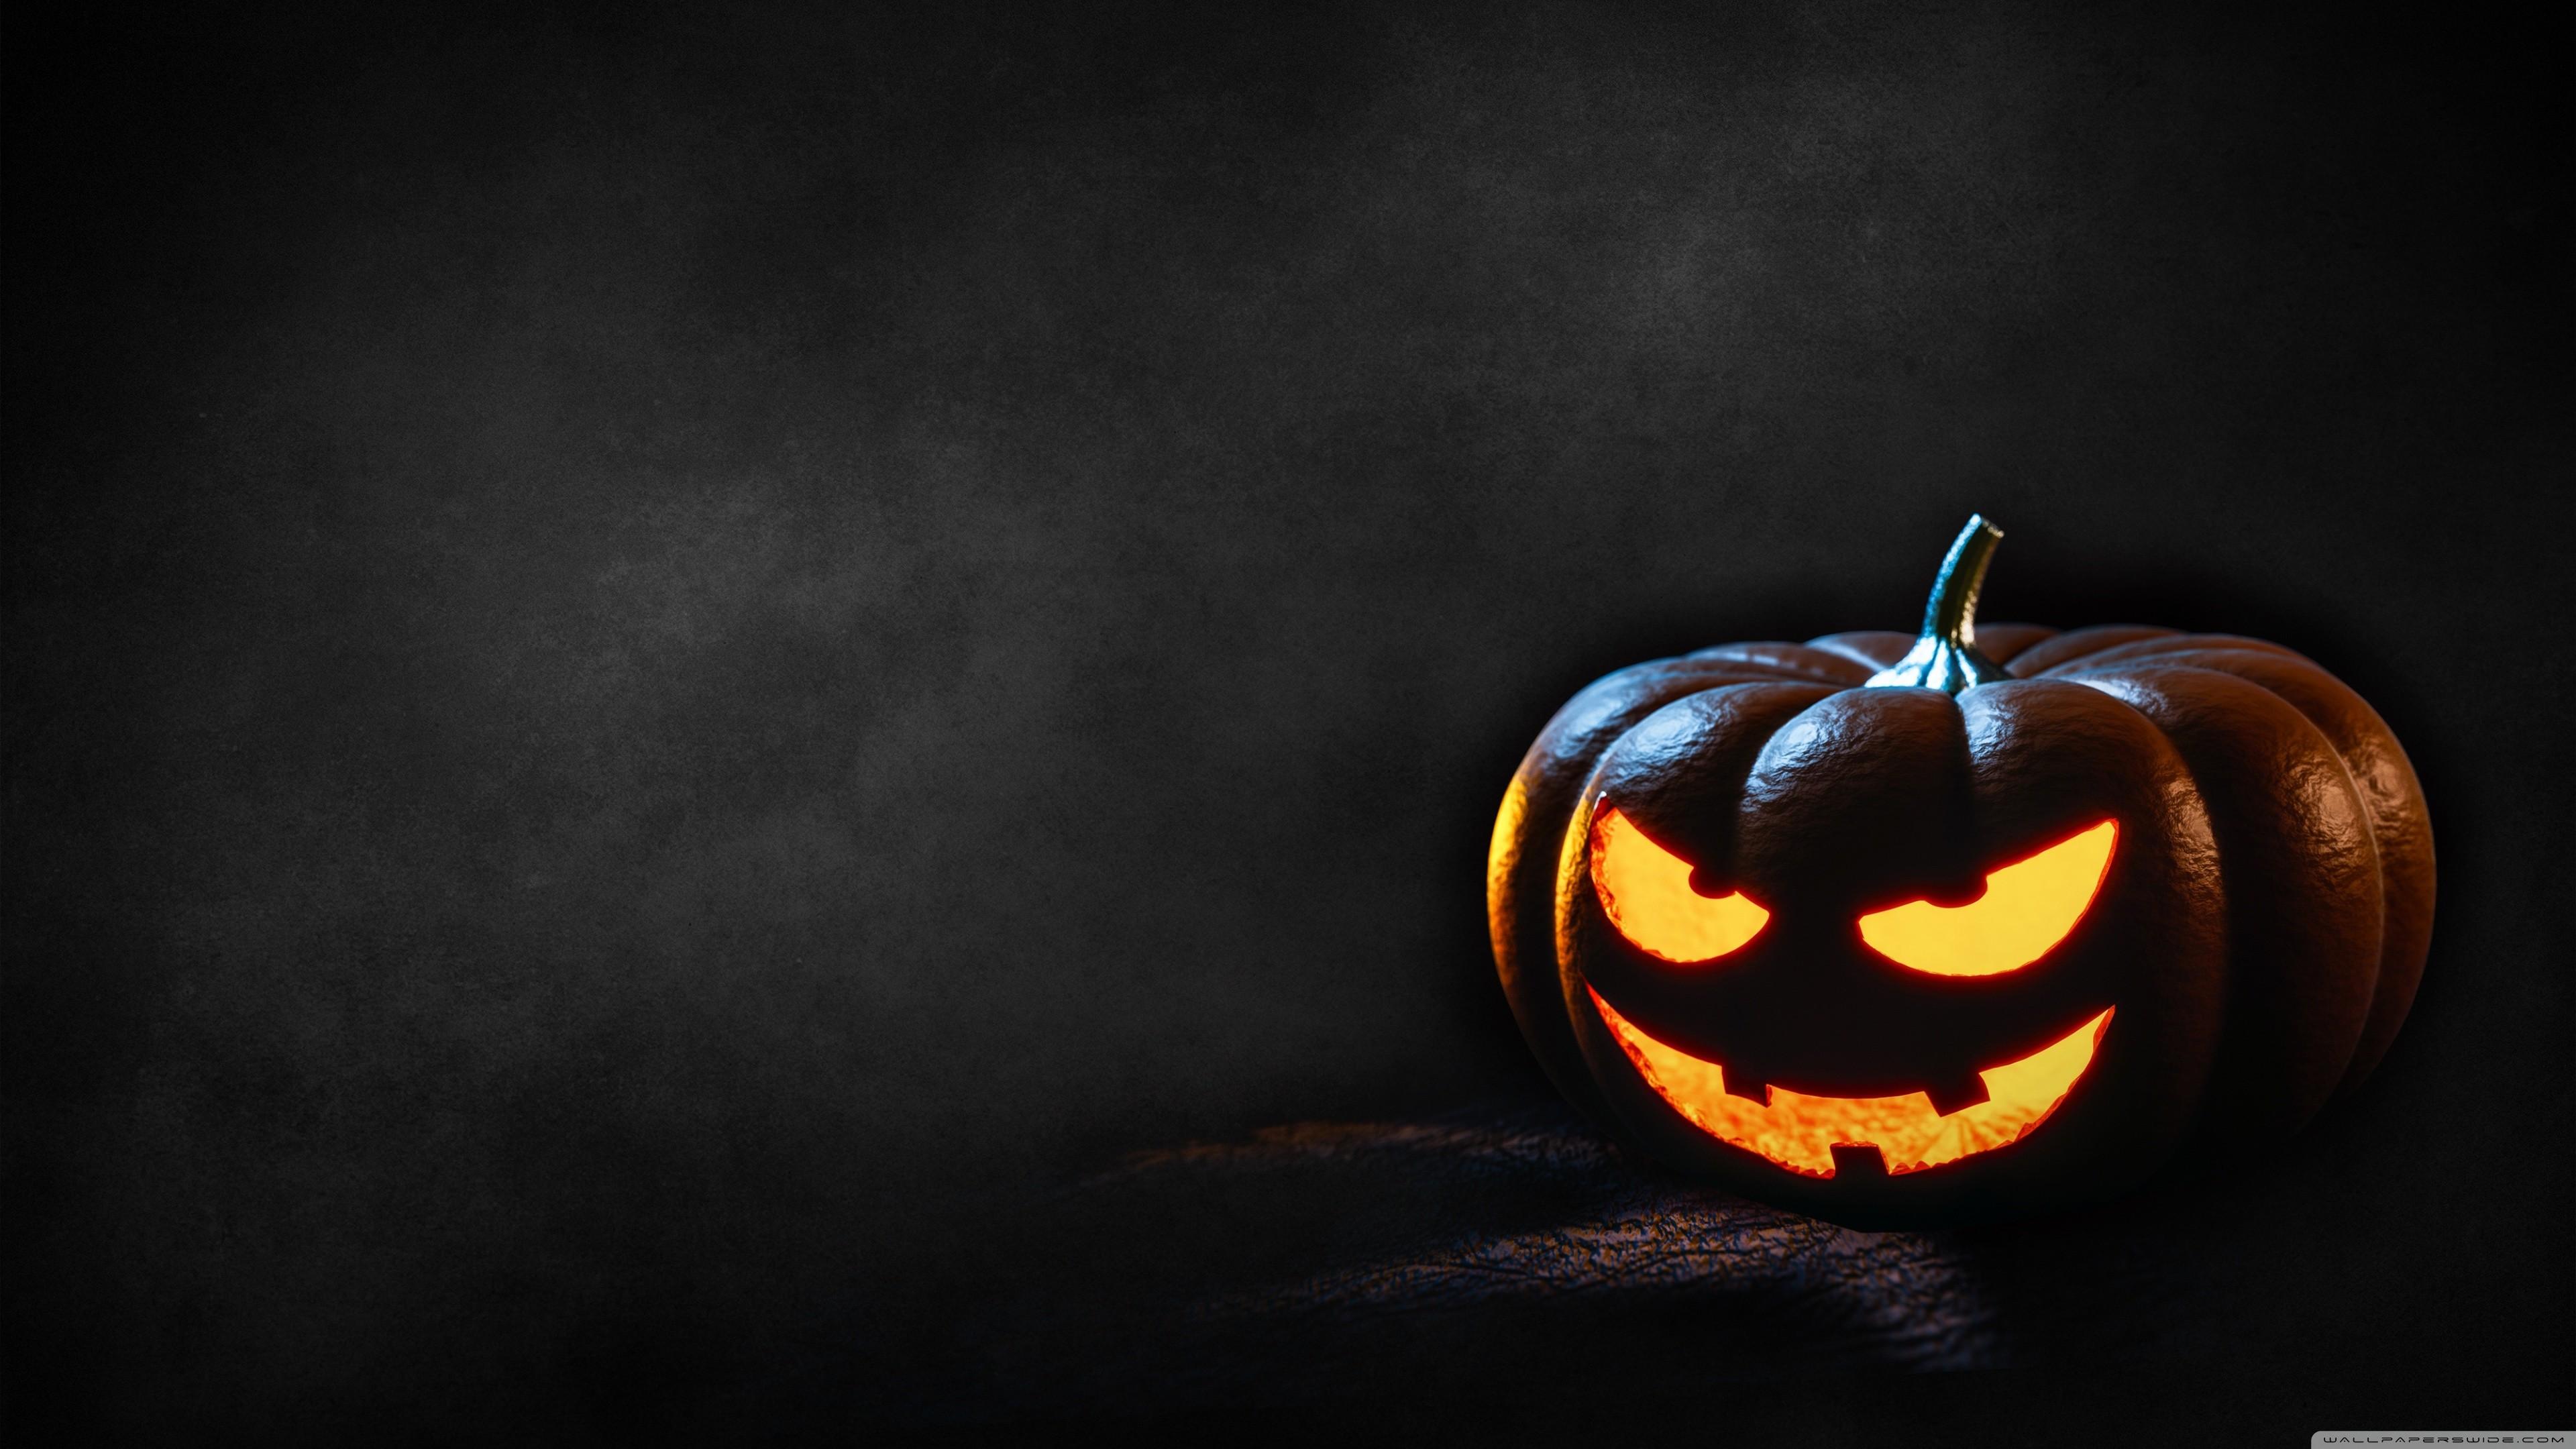 Res: 3840x2160, Happy Halloween 2016 HD Wide Wallpaper for 4K UHD Widescreen desktop &  smartphone